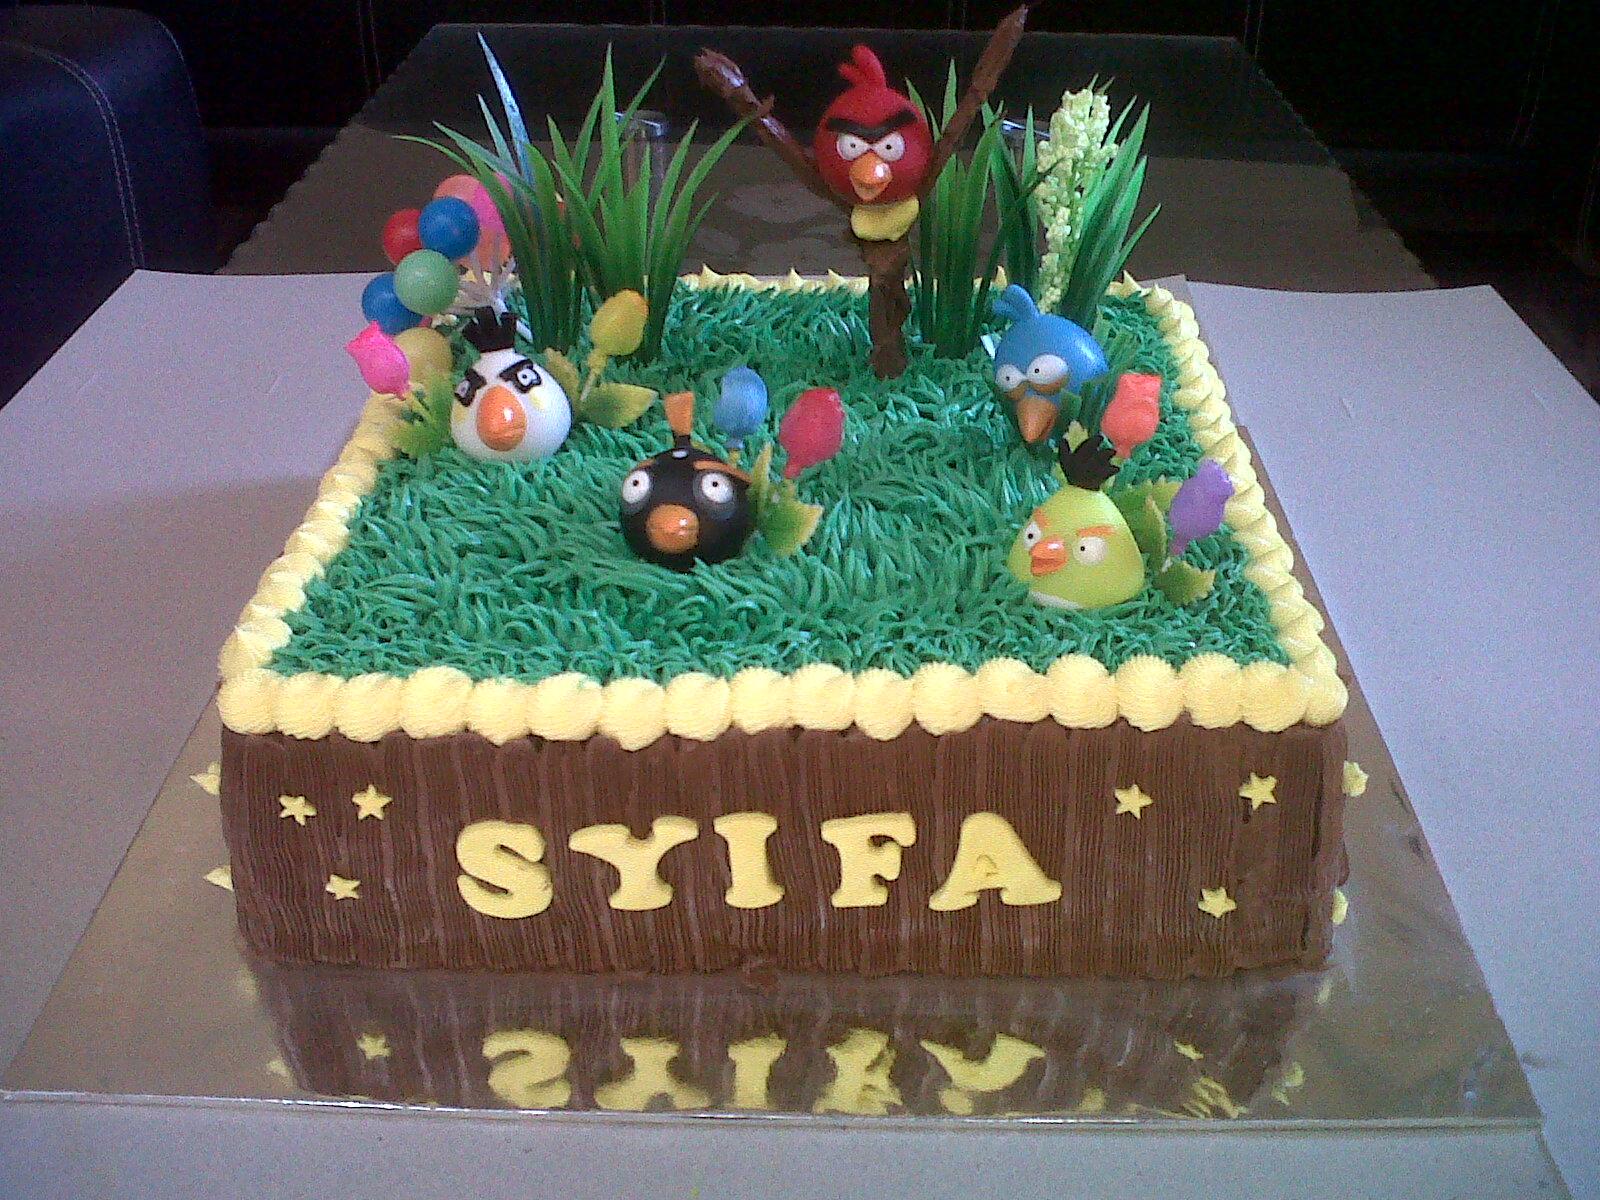 Pemesan Kue Ulang Tahun Anak : Pipit untuk ultah-nya dek Syifa